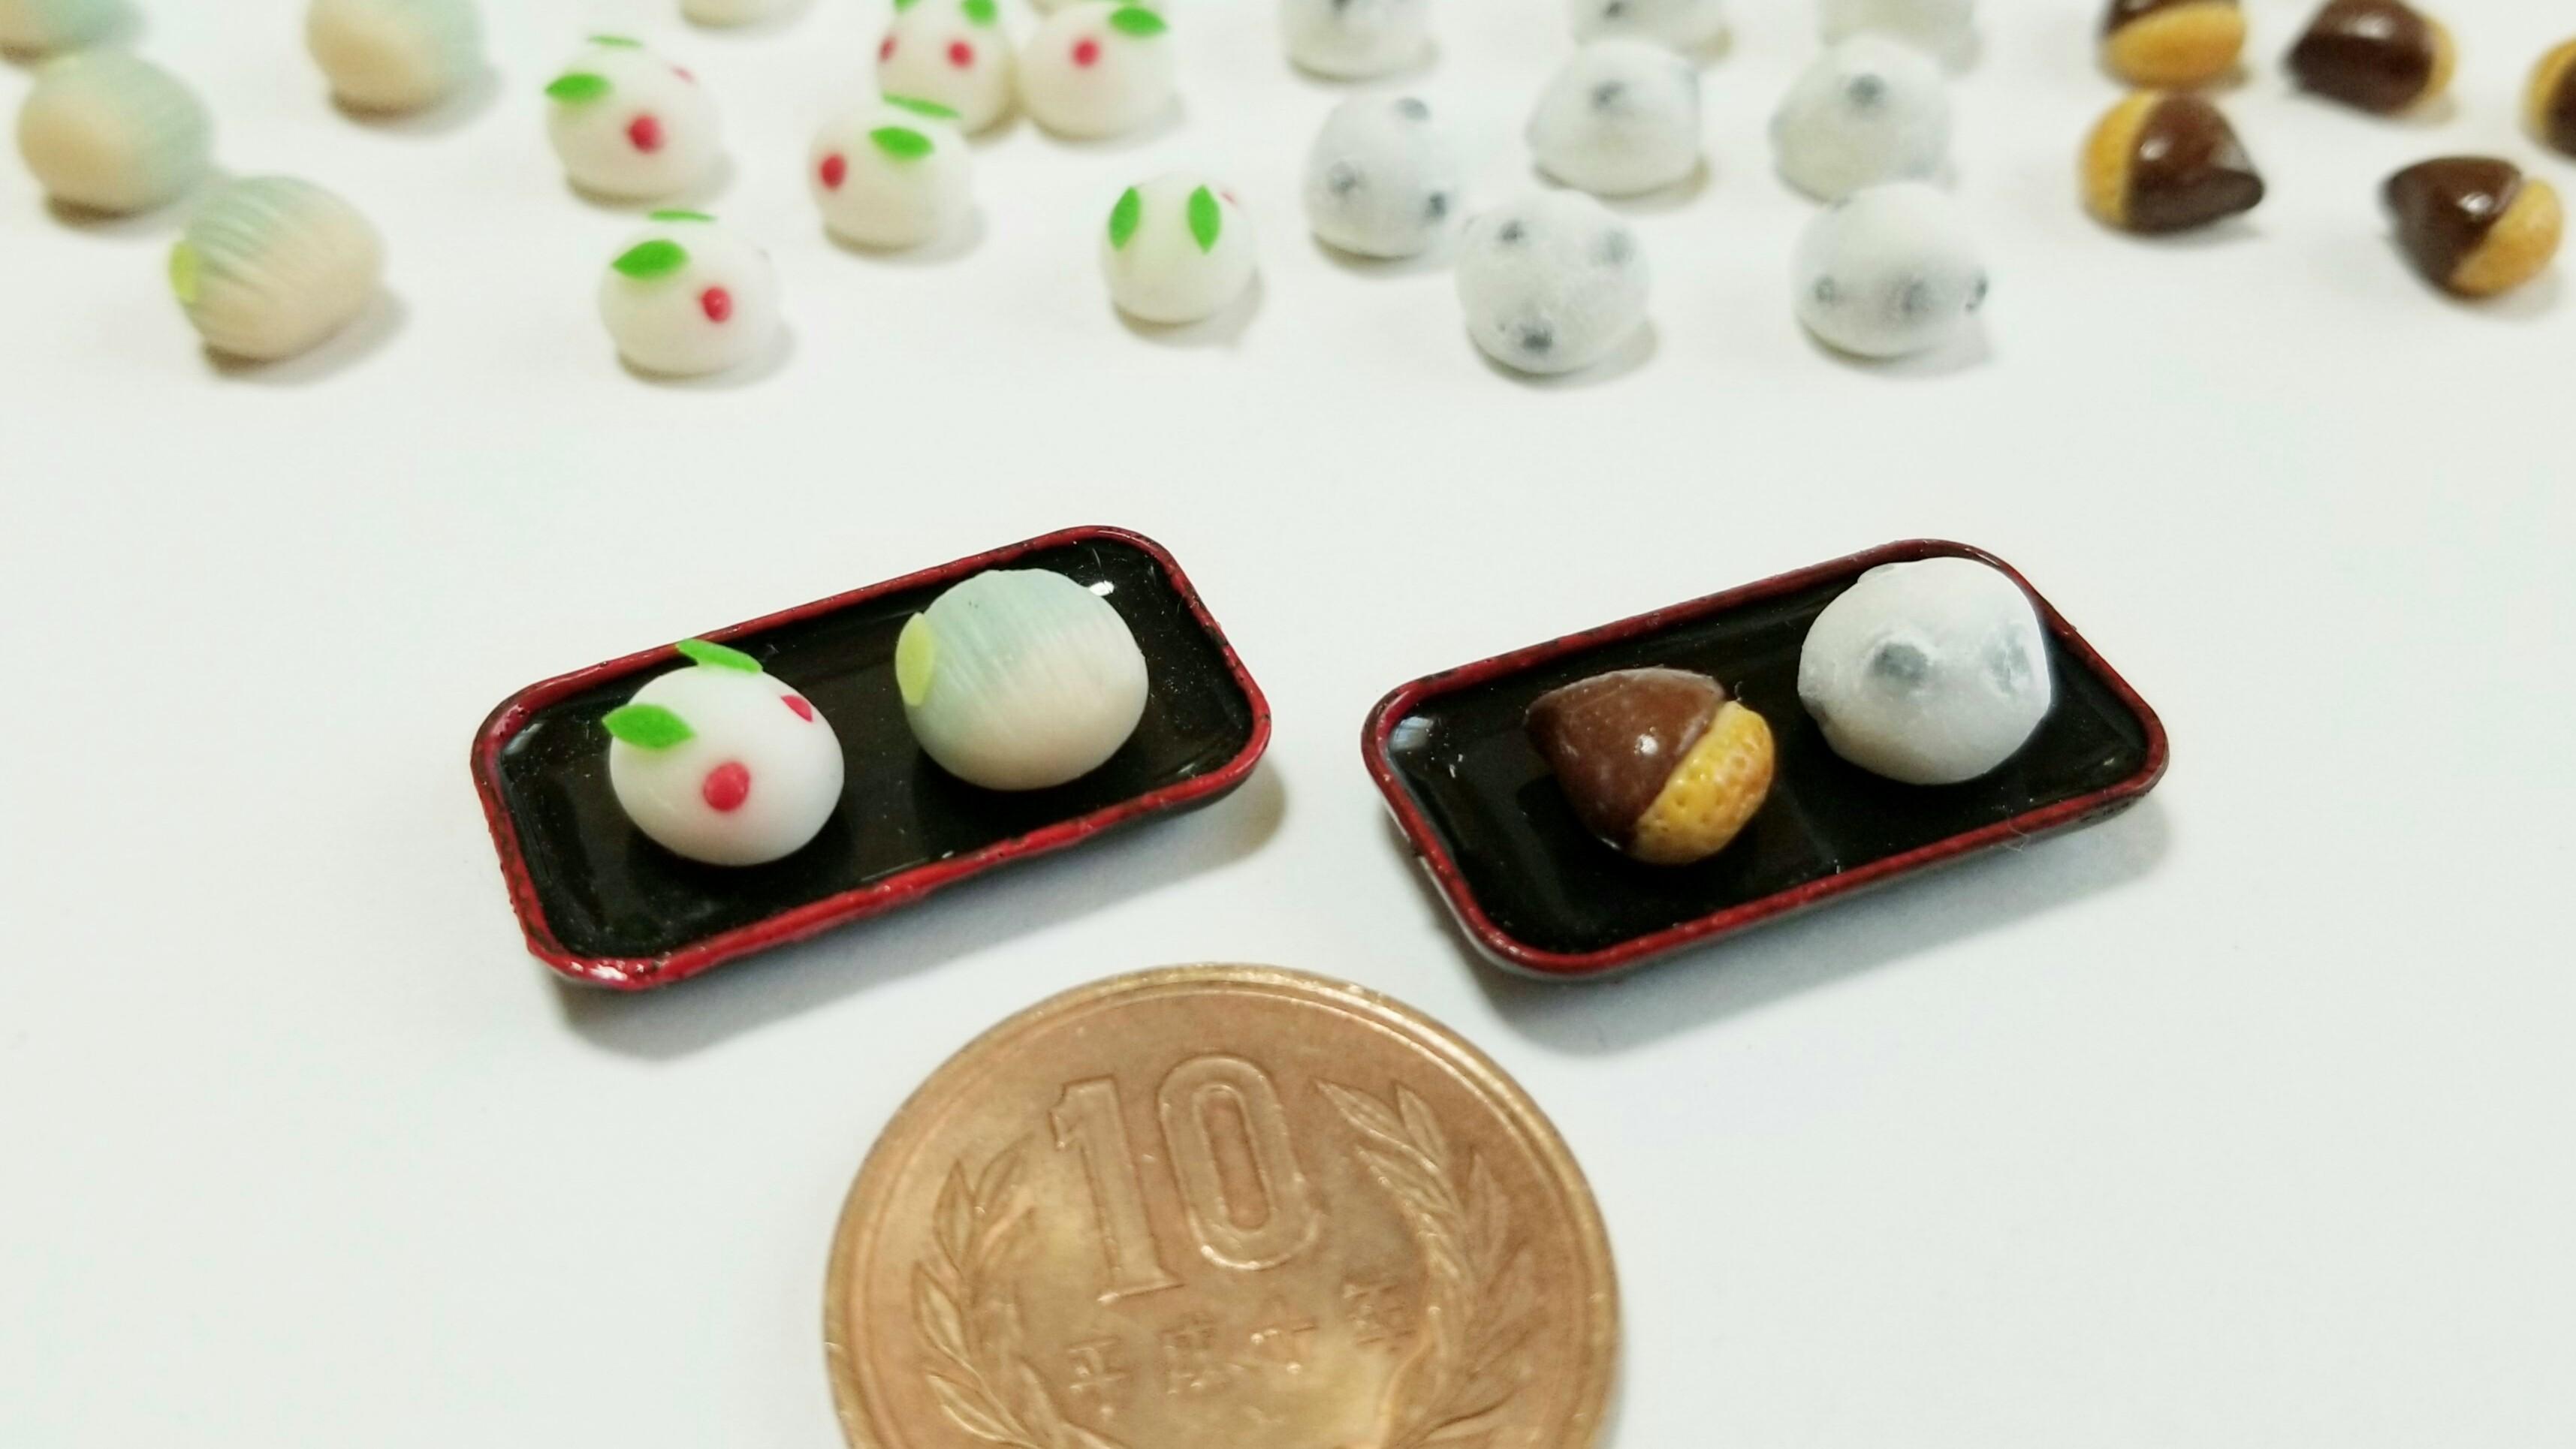 ミニチュアフード樹脂粘土ミンネ販売中人気おすすめ商品和菓子ブログ